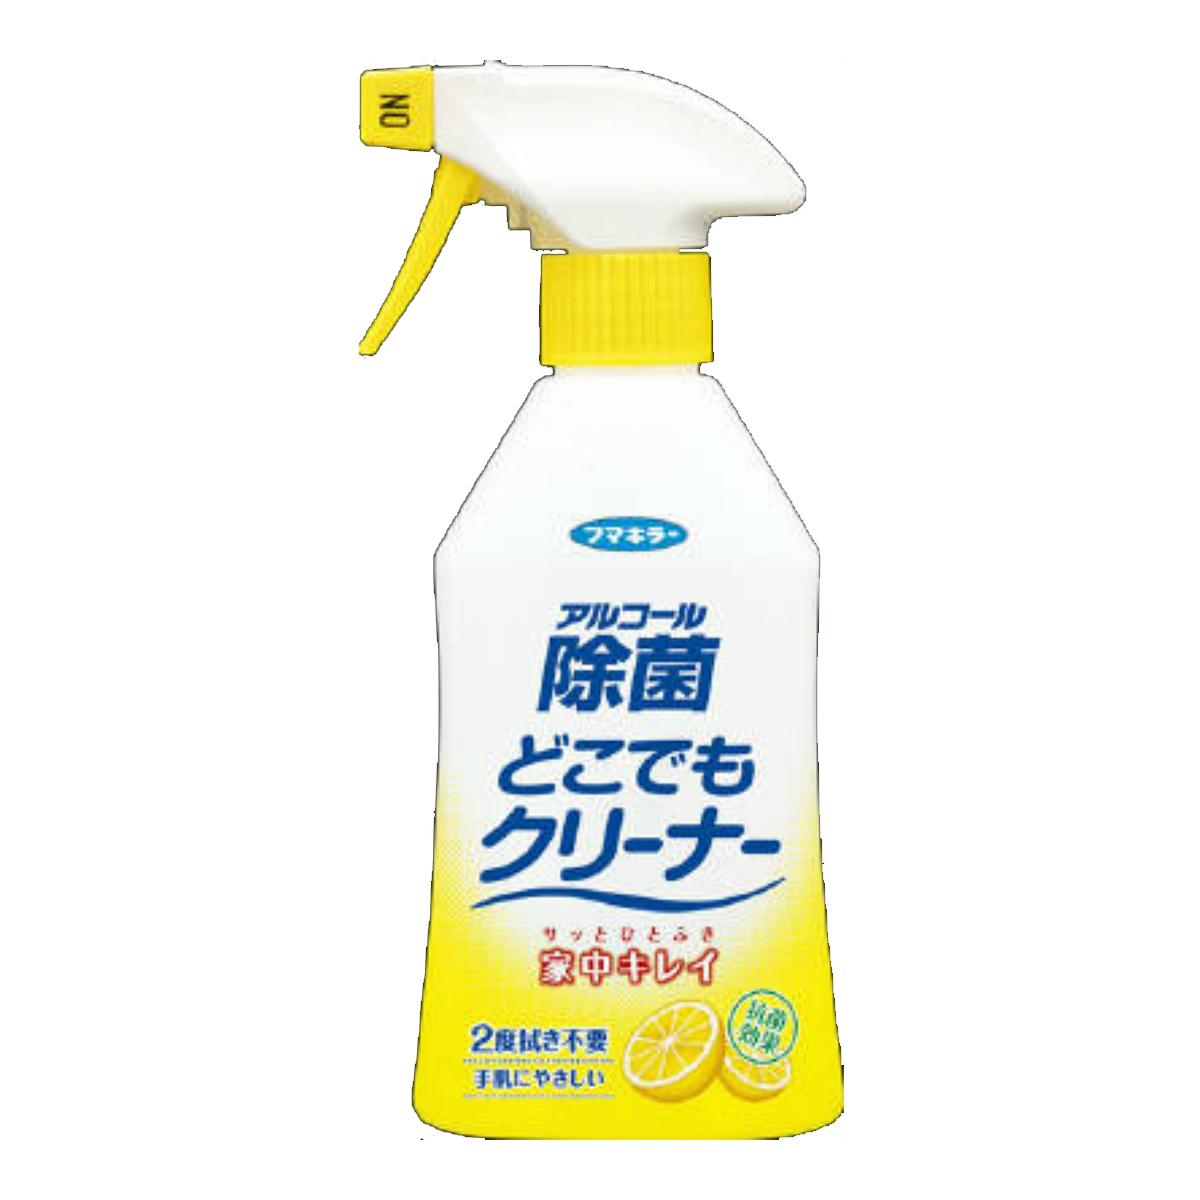 【P5倍】様々な汚れ、バイ菌をこれ1本でスッキリ落とす除菌スプレーです。バイ菌の増殖をおさえて、清潔をキープします 4902424433876 フマキラー アルコール除菌 どこでもクリーナー 300ml (除菌スプレー)( 4902424433876 )